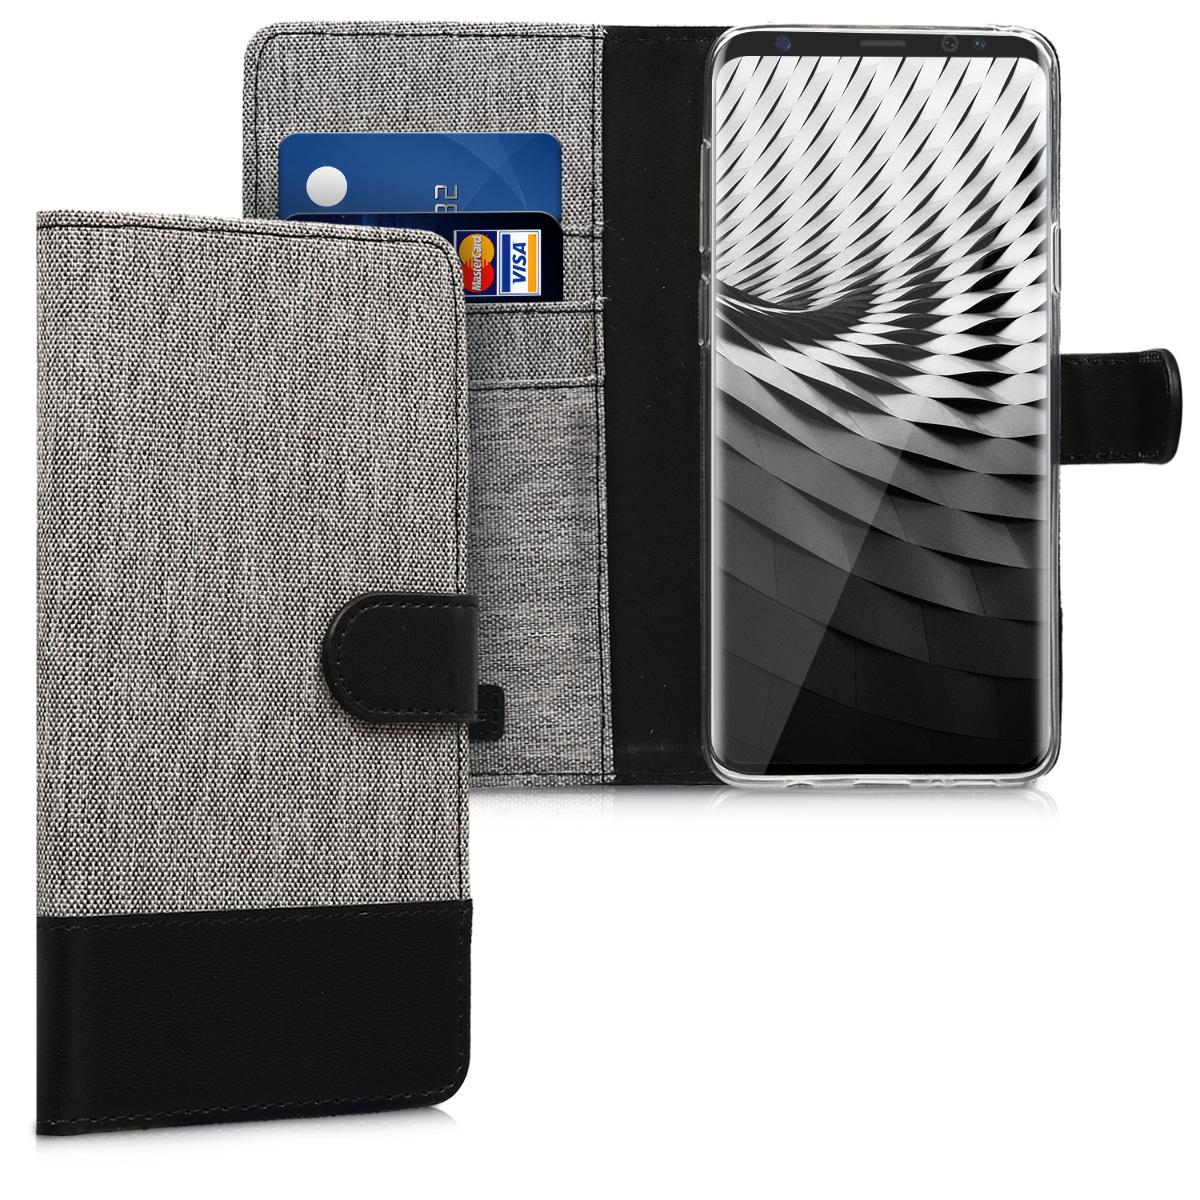 KW Θήκη - Πορτοφόλι Samsung Galaxy S9 Plus - Συνθετικό Δέρμα - Grey / Black (44095.22)